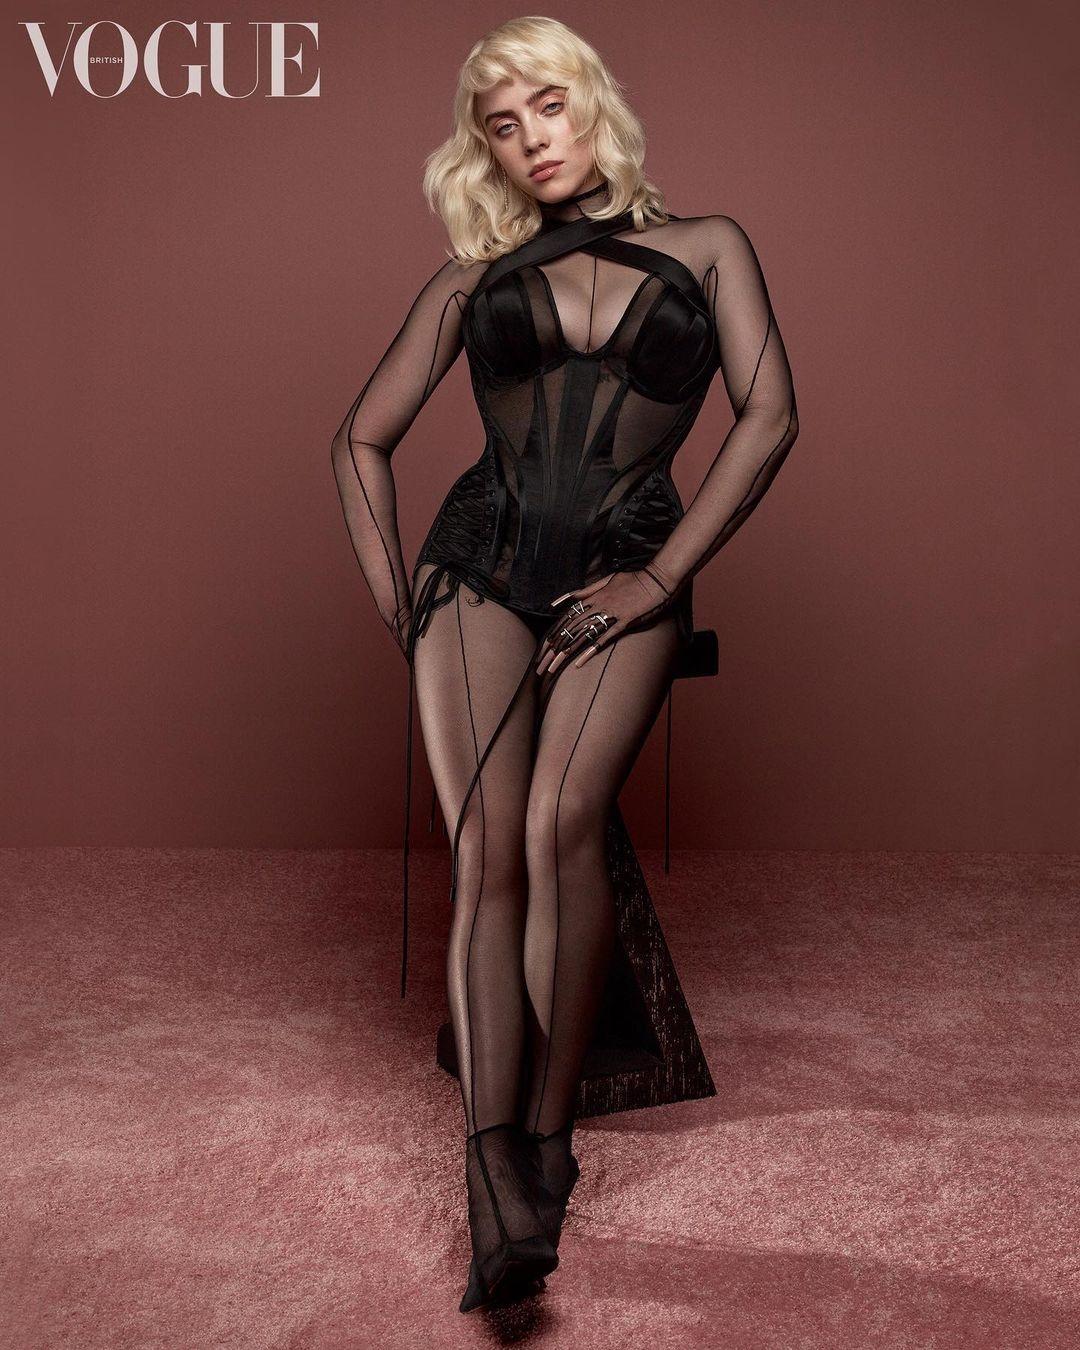 Больше никакого оверсайза: Билли Айлиш украсила обложку британского Vogue - фото №2